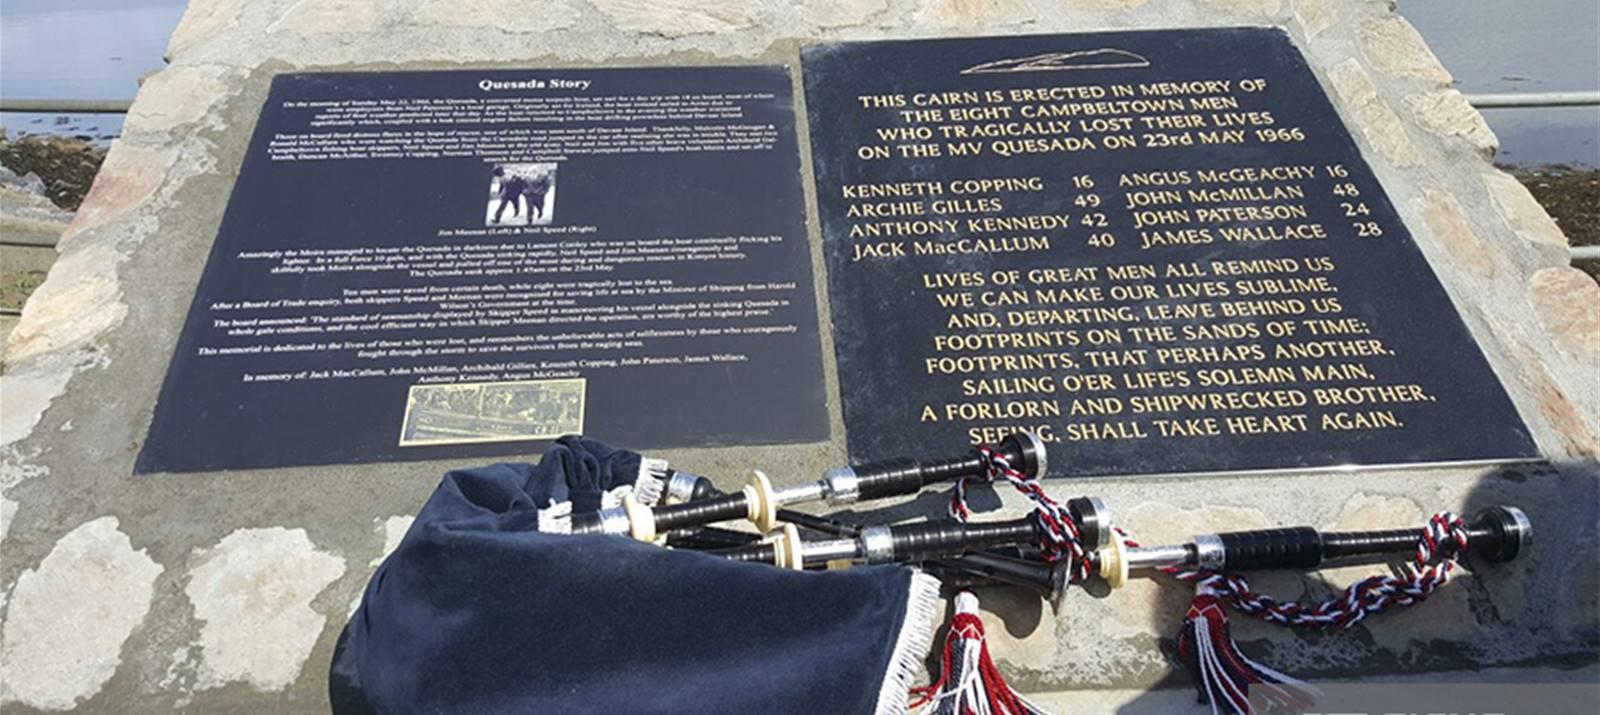 Signs Express Aberdeen Memorial, Campbeltown Scotland